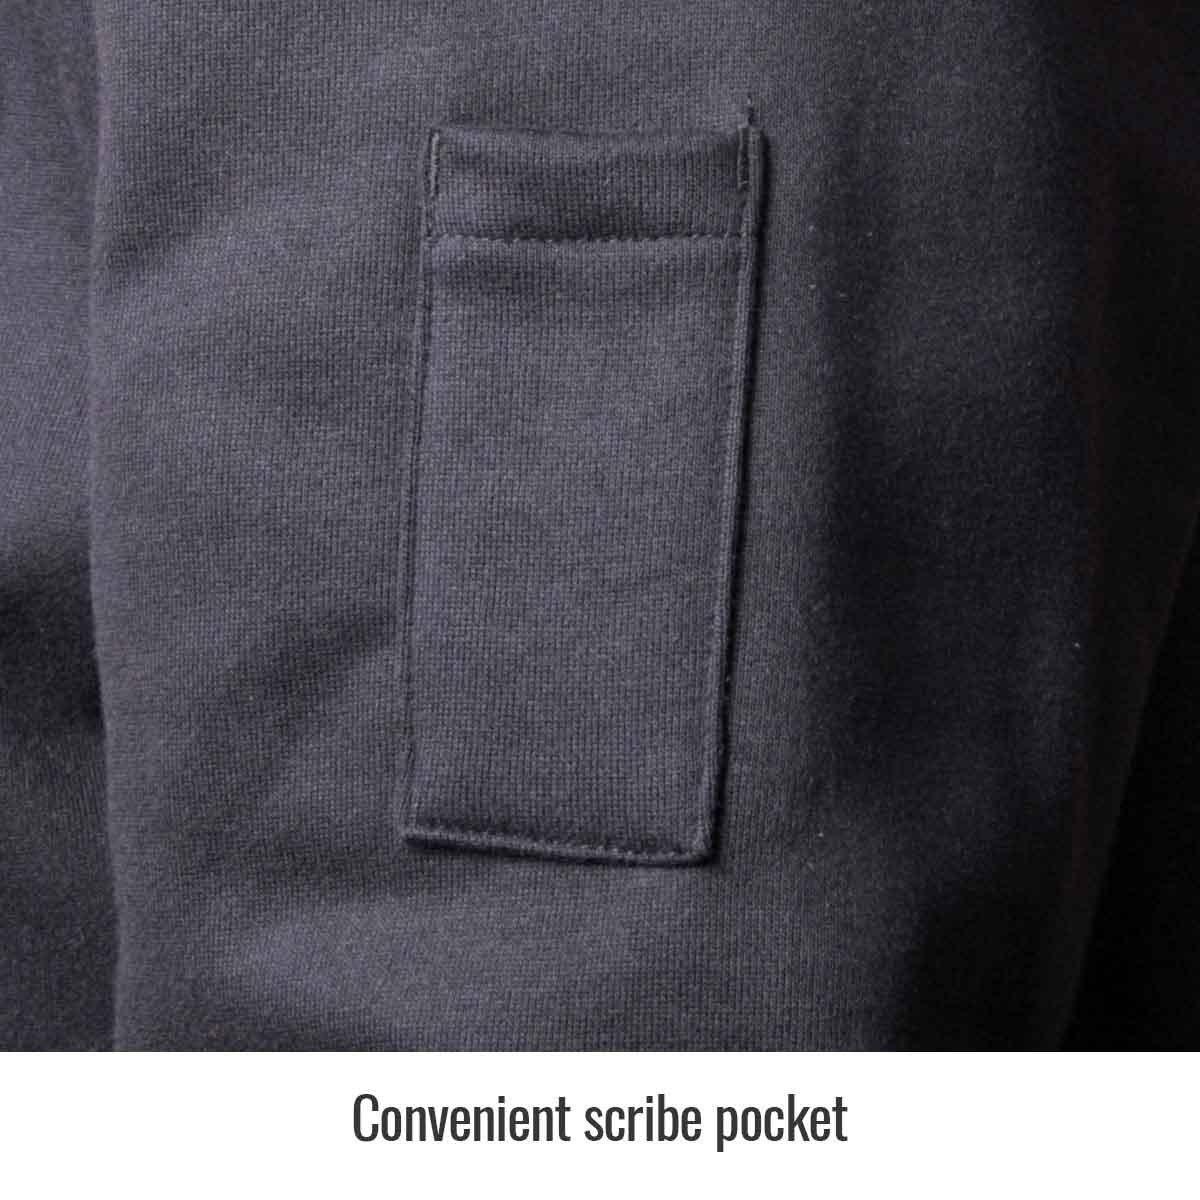 REVCO/BLACK STALLION JF1331 - Large Truguard Cotton Hooded Sweatshirt, Black by REVCO/BLACK STALLION (Image #4)